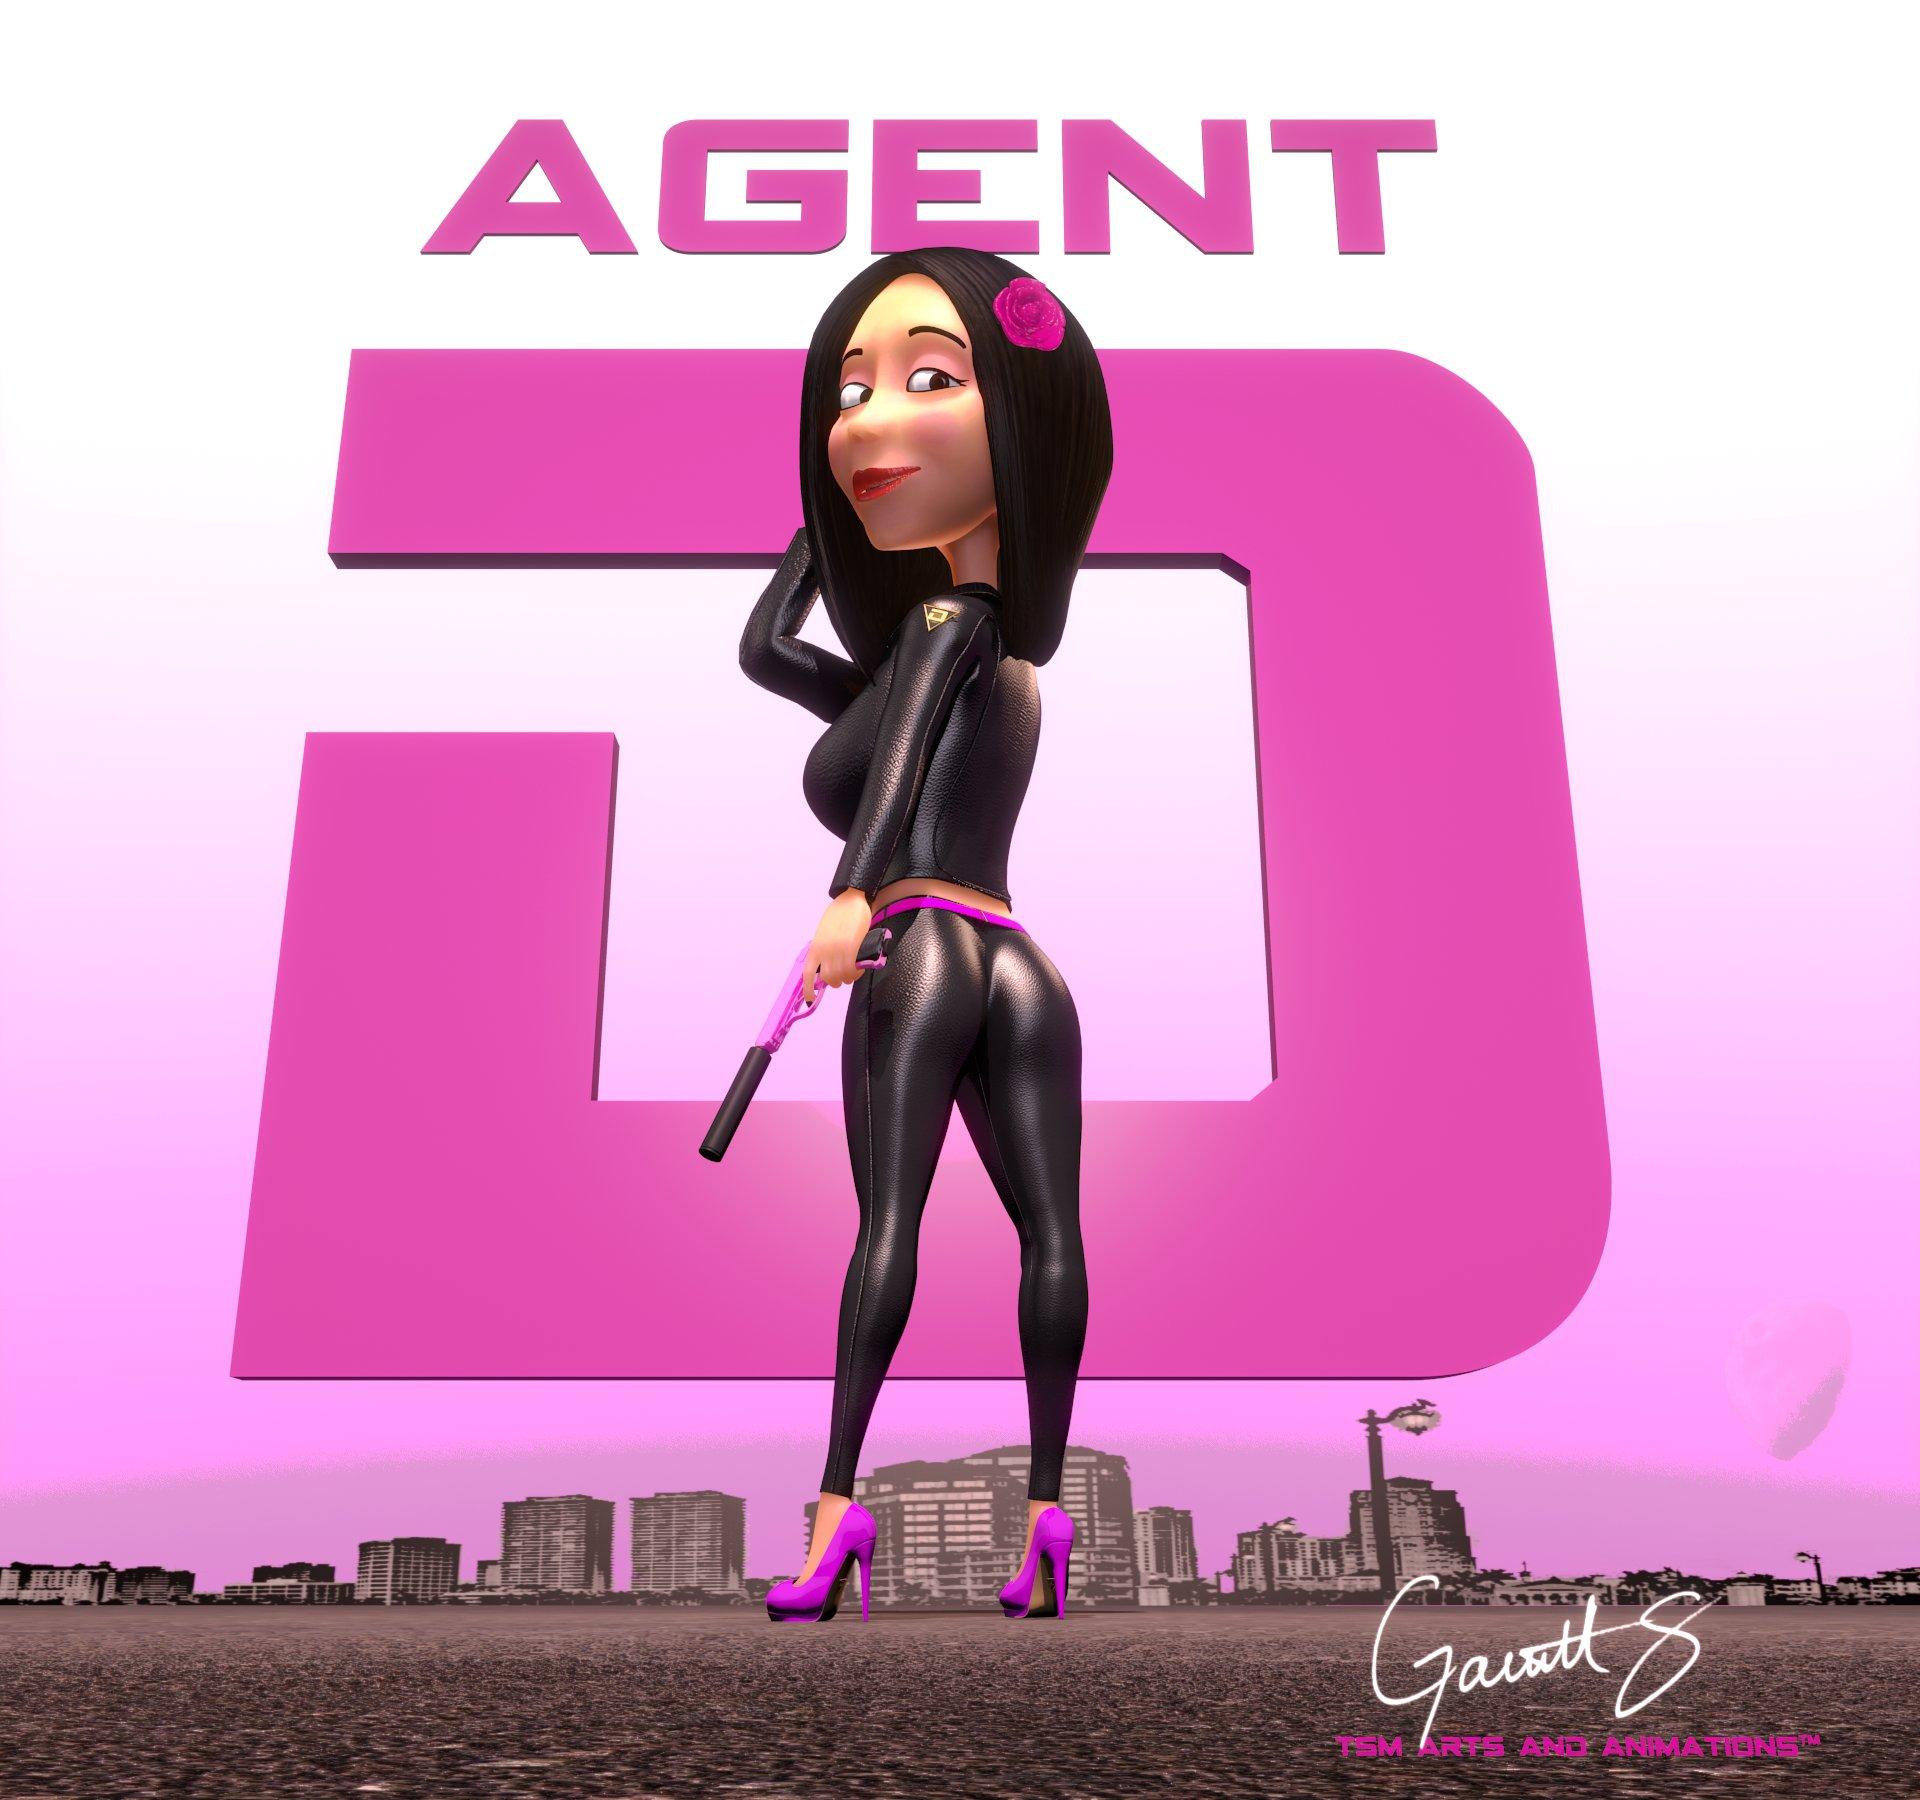 Garrett s agent d final